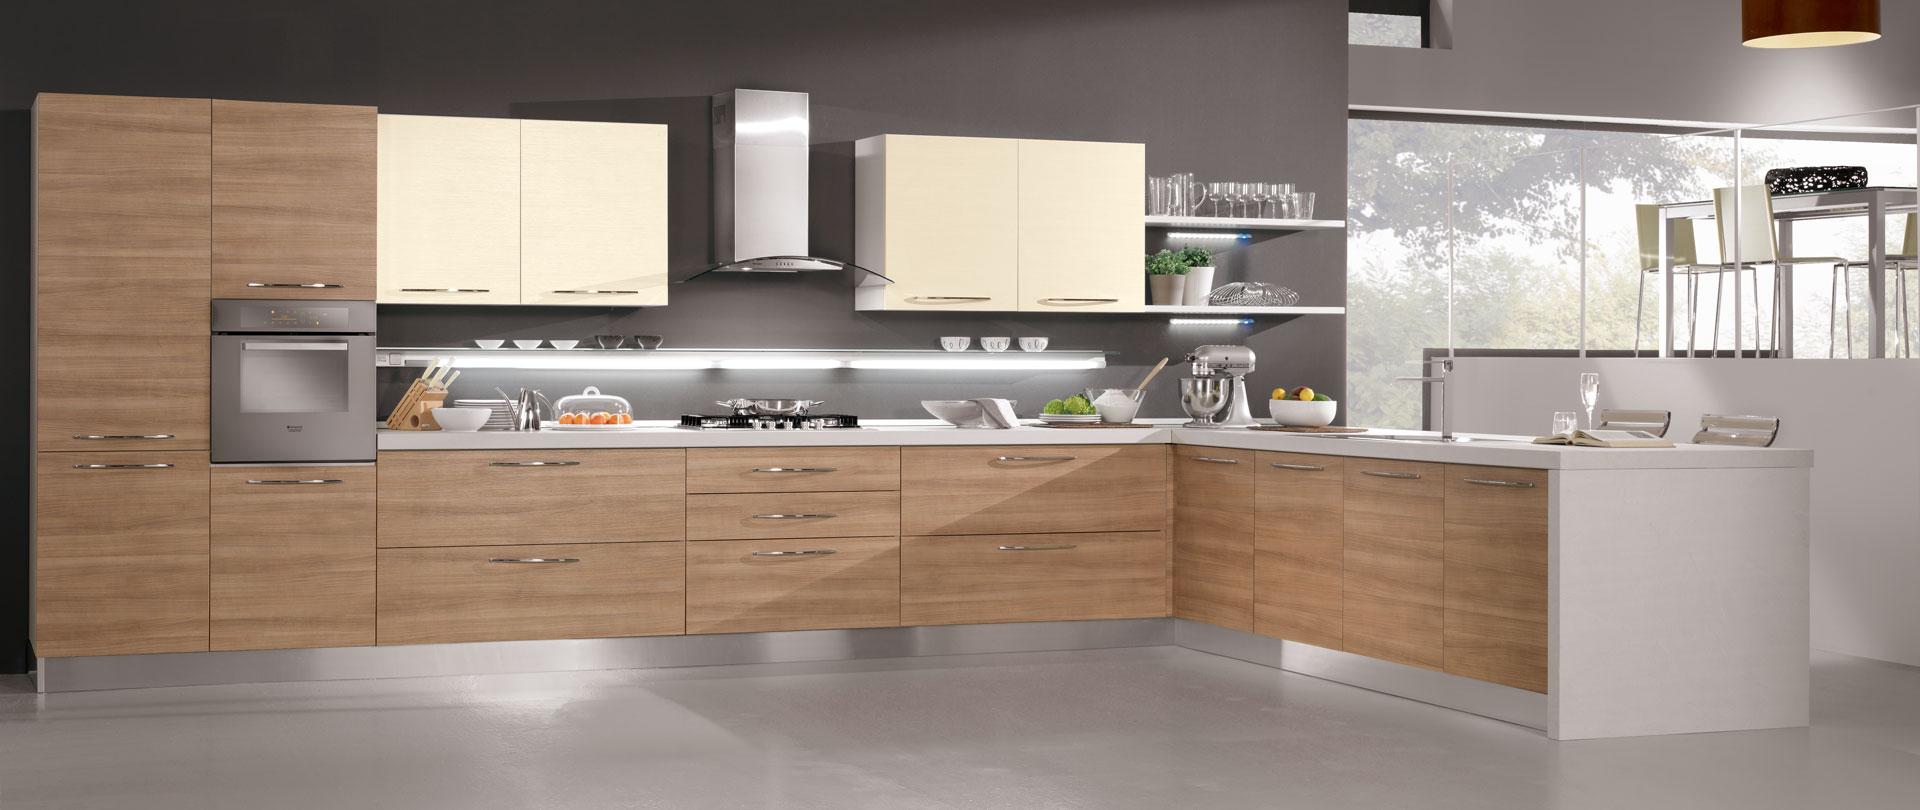 01-cucina-moderna-brio-ciliegio-marbella_magnolia-1 - Cucinissima